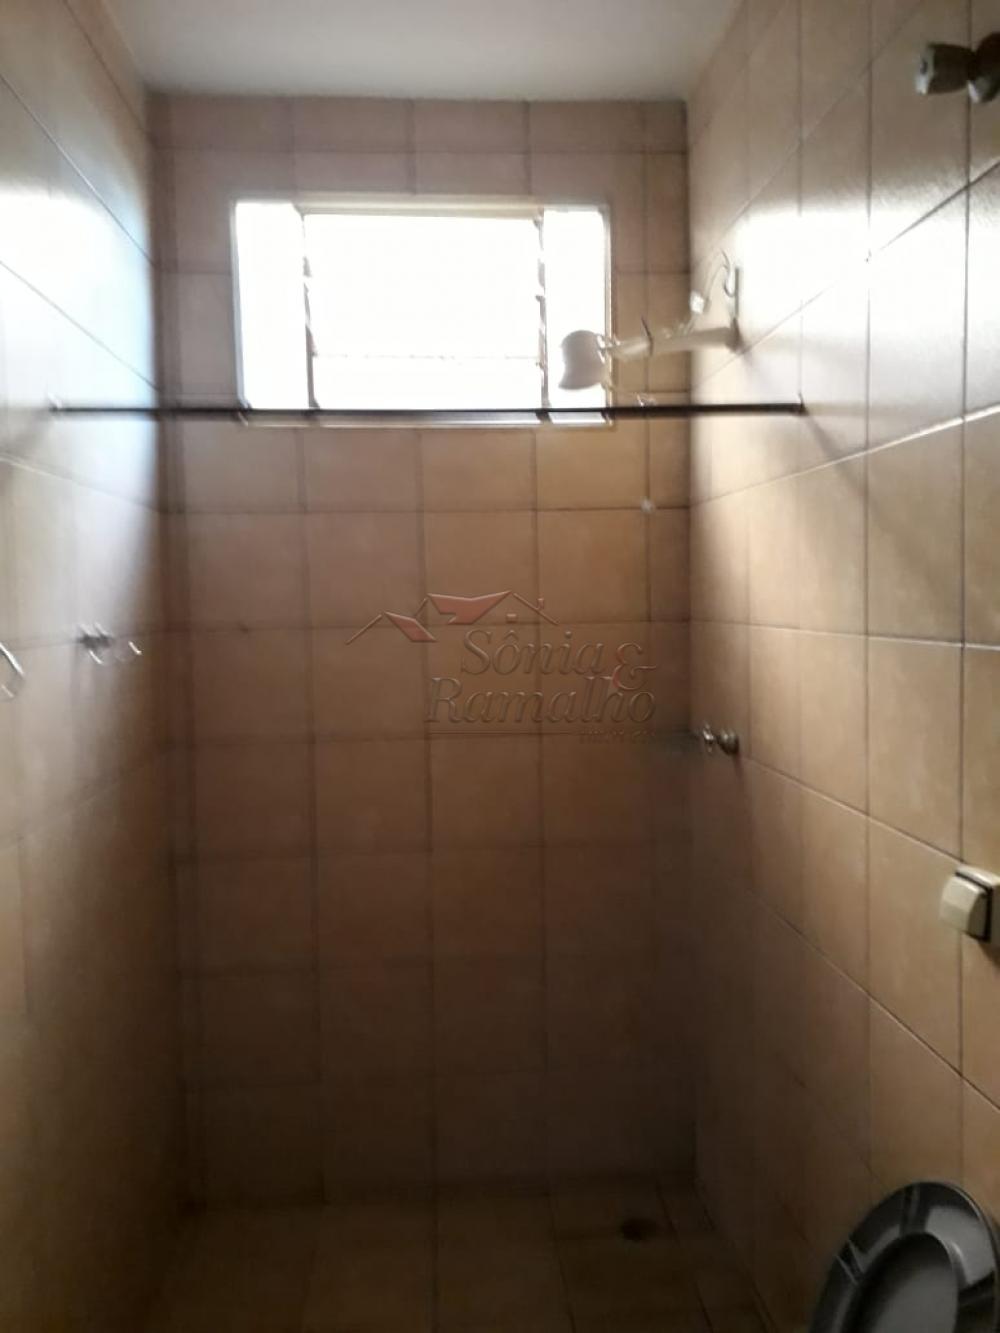 Alugar Casas / Padrão em Ribeirão Preto apenas R$ 650,00 - Foto 5